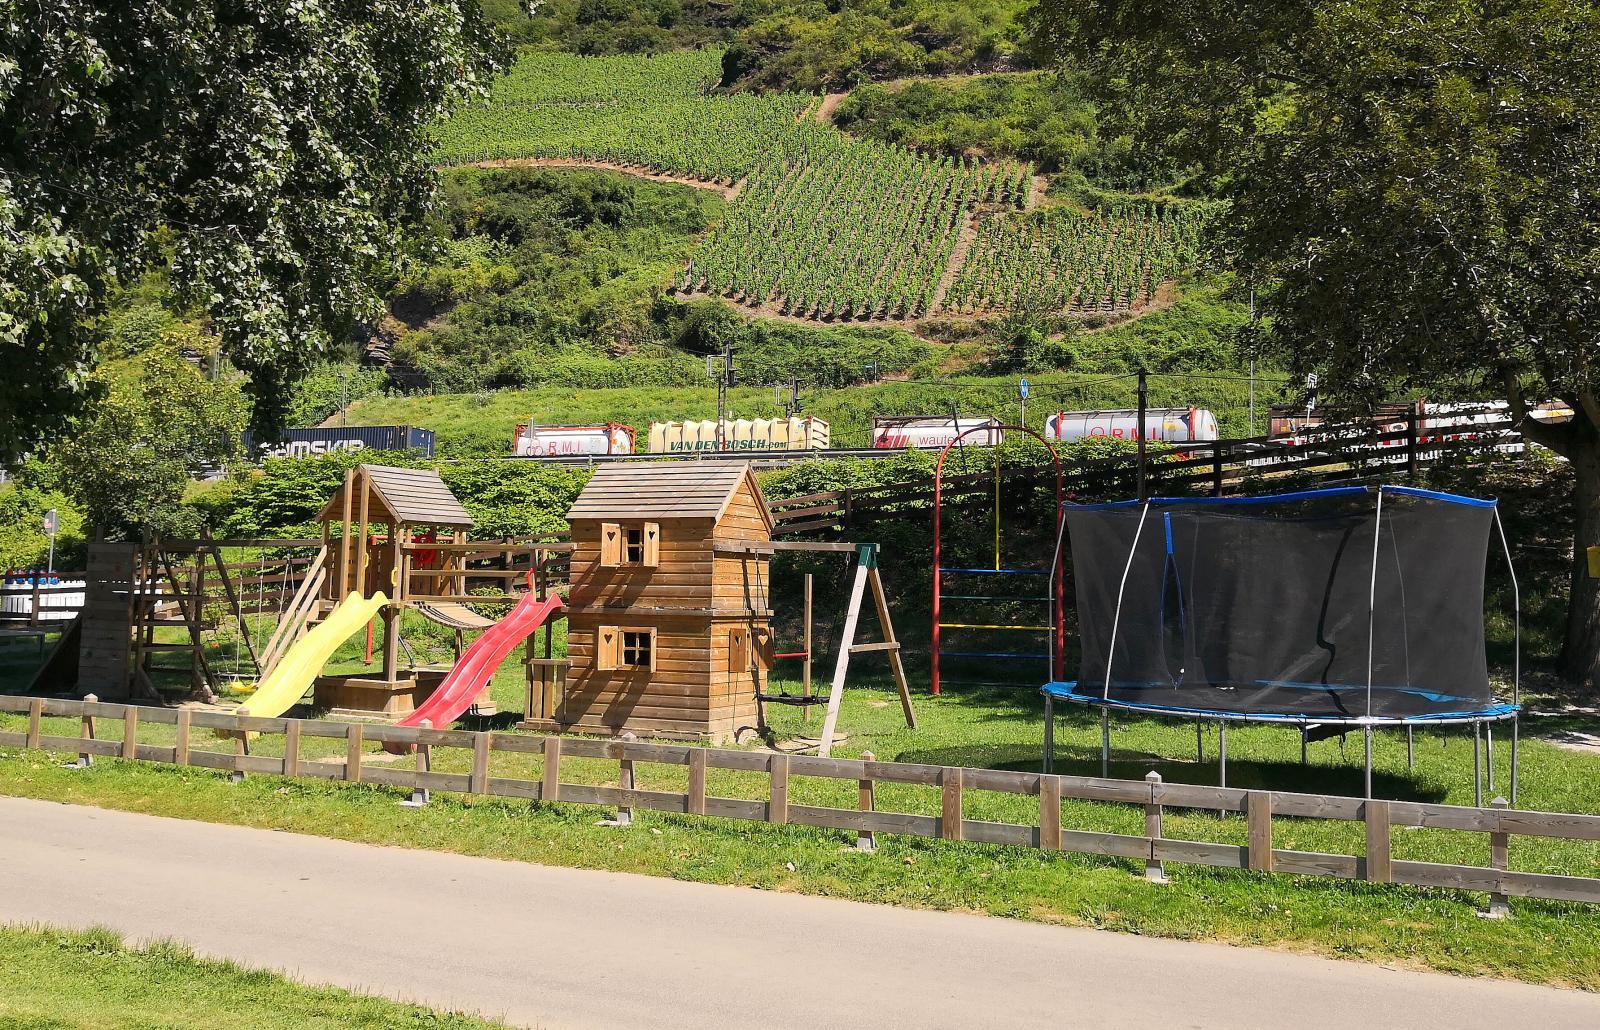 Det finns flera lekparker för både stora och små barn. Längre bak skymtar vinodlingarna där det finns vandringsstigar.